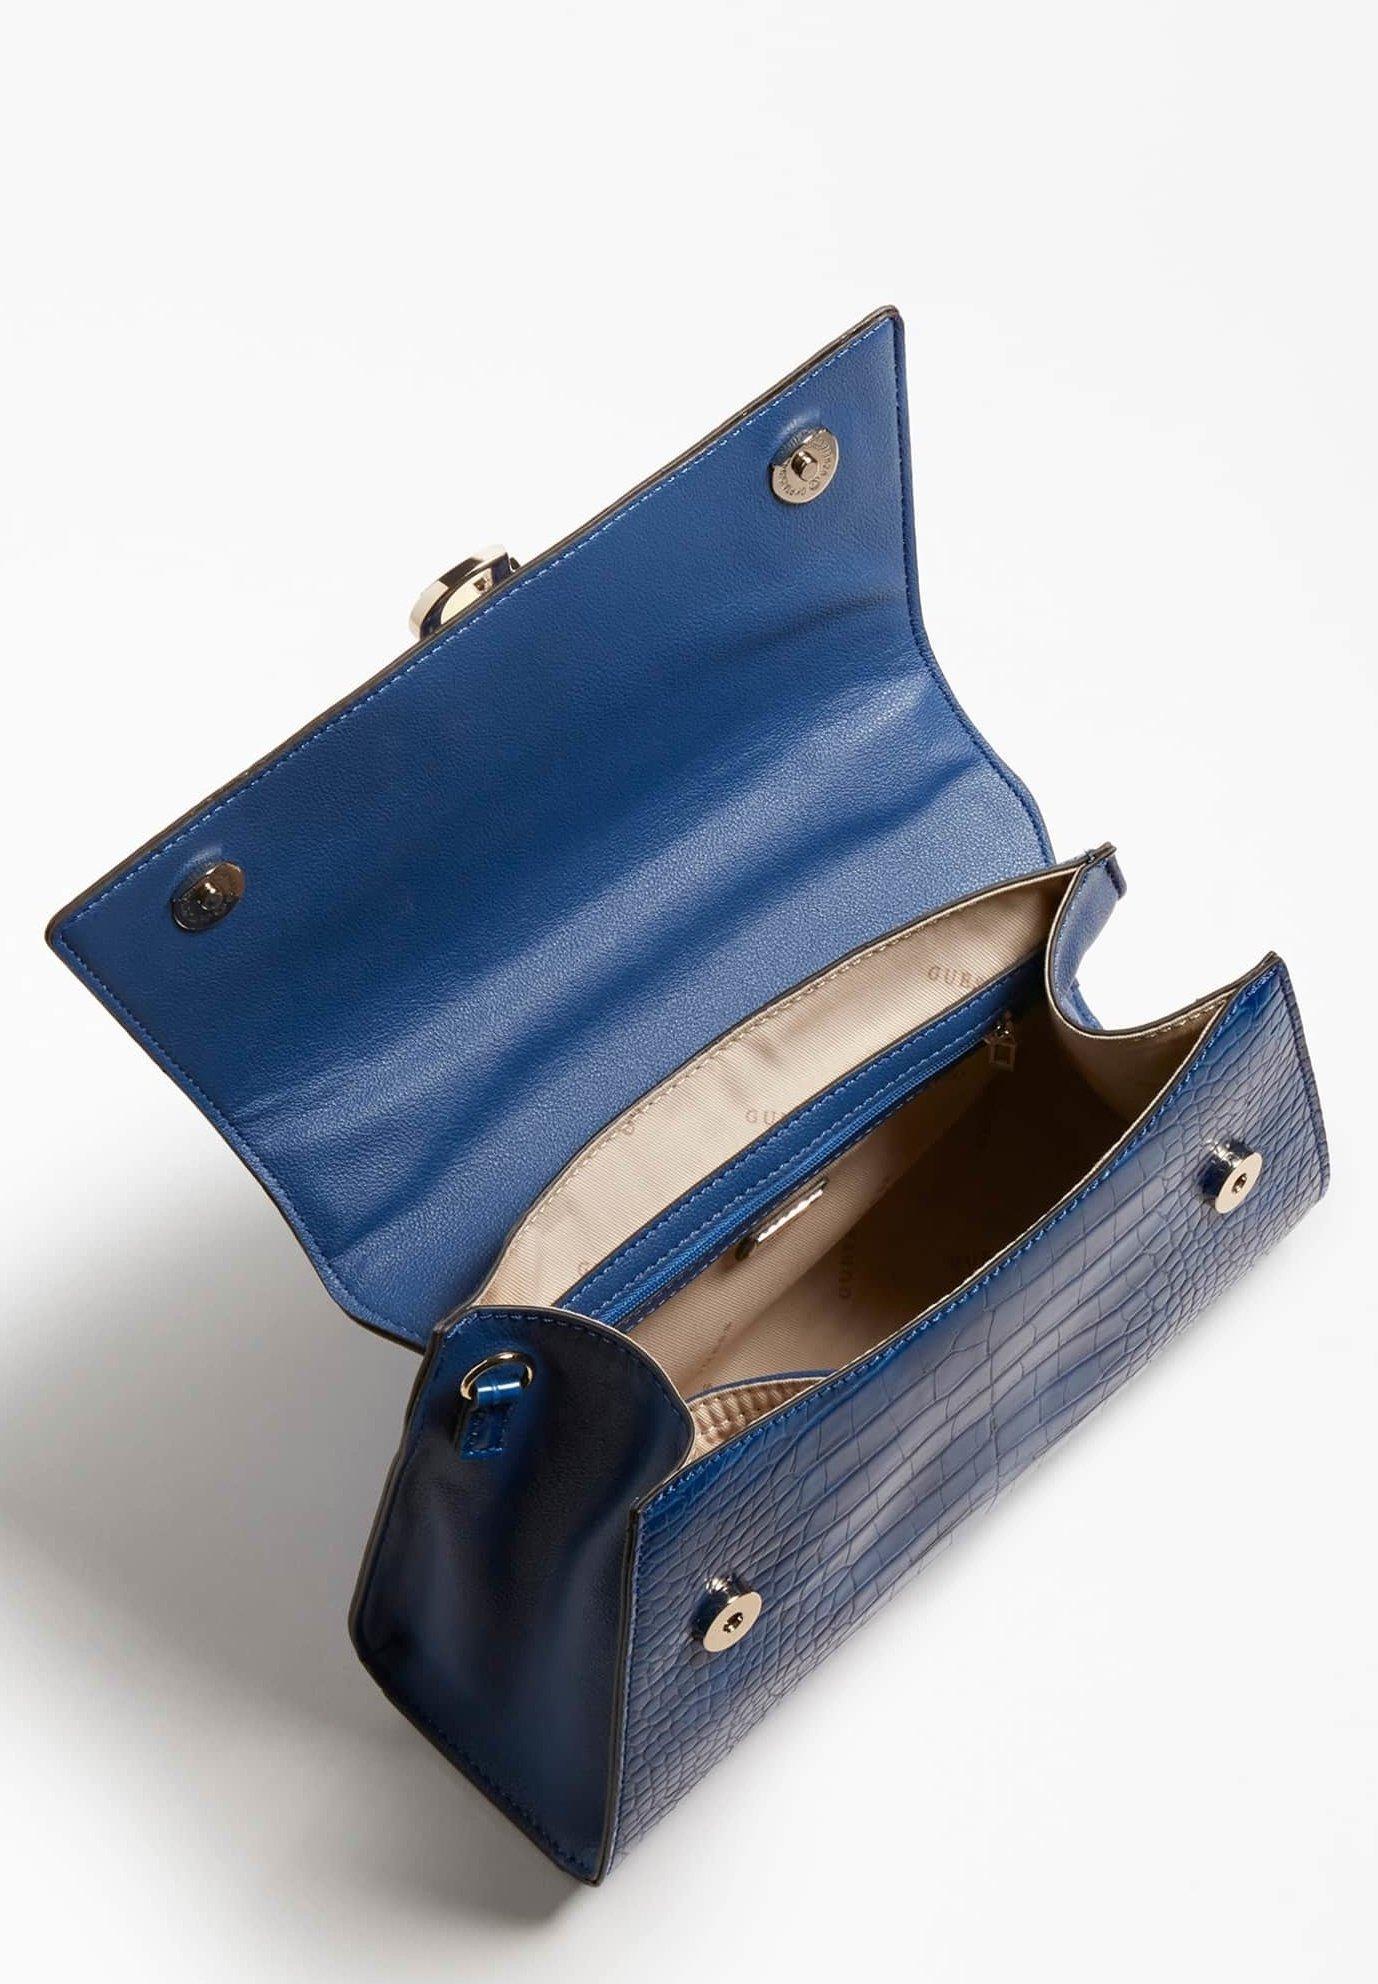 Guess Handtasche - Bleu/blau